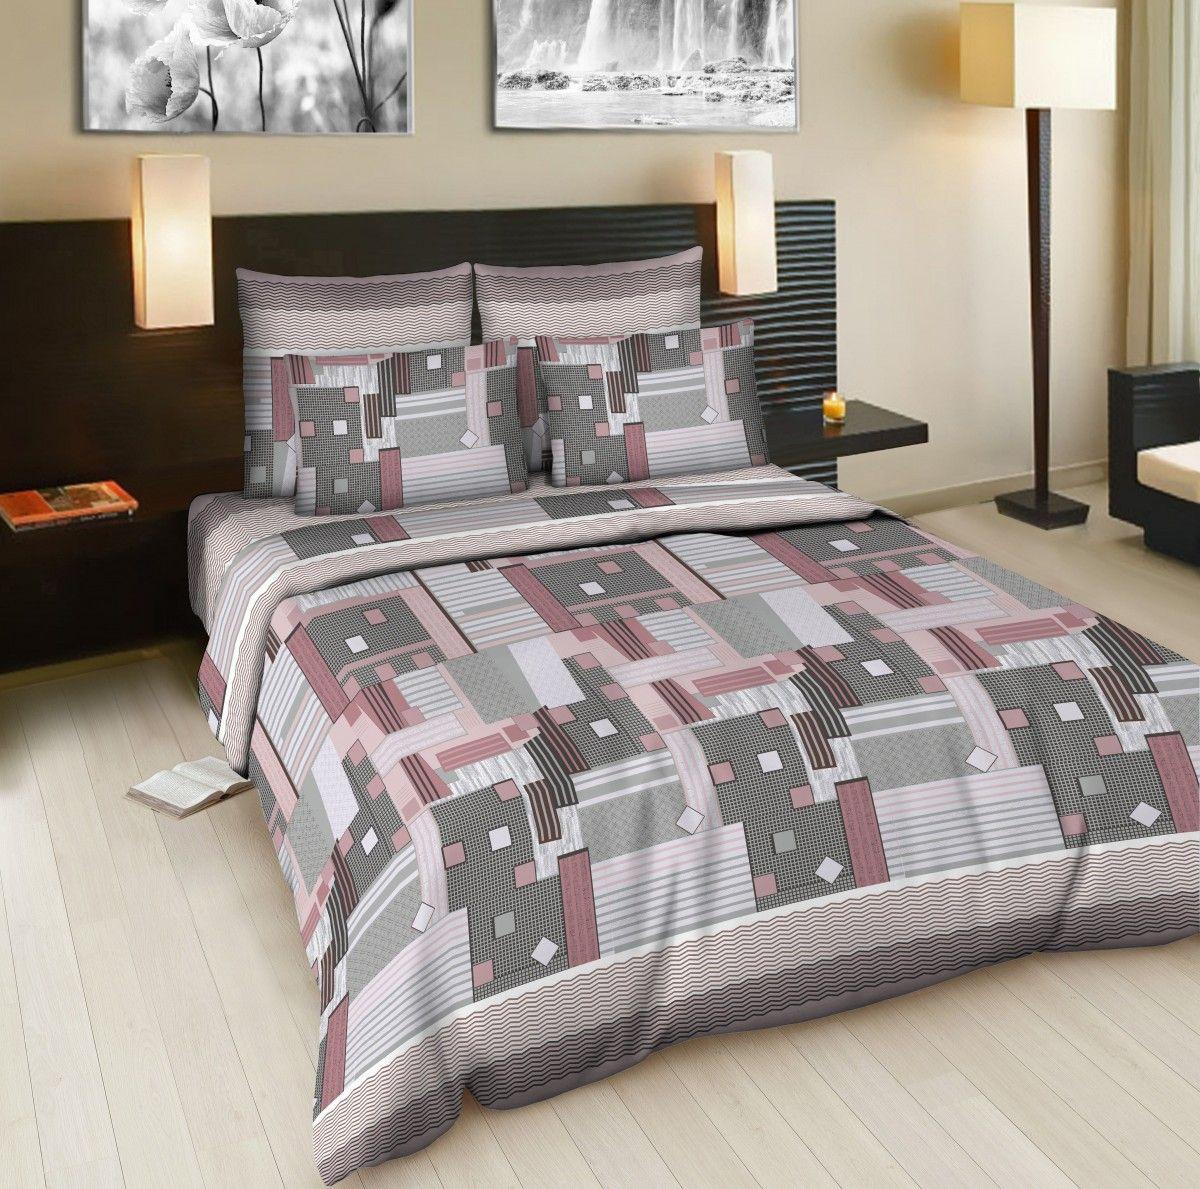 Комплект белья Amore Mio Window, семейный, наволочки 70x70, цвет: серый, розовыйFD-59Комплект постельного белья Amore Mio является экологически безопасным для всей семьи, так как выполнен из бязи (100% хлопок). Постельное белье оформлено оригинальным рисунком и имеет изысканный внешний вид.Легкая, плотная, мягкая ткань отлично стирается, гладится, быстро сохнет.Комплект состоит из двух пододеяльников, простыни и двух наволочек.